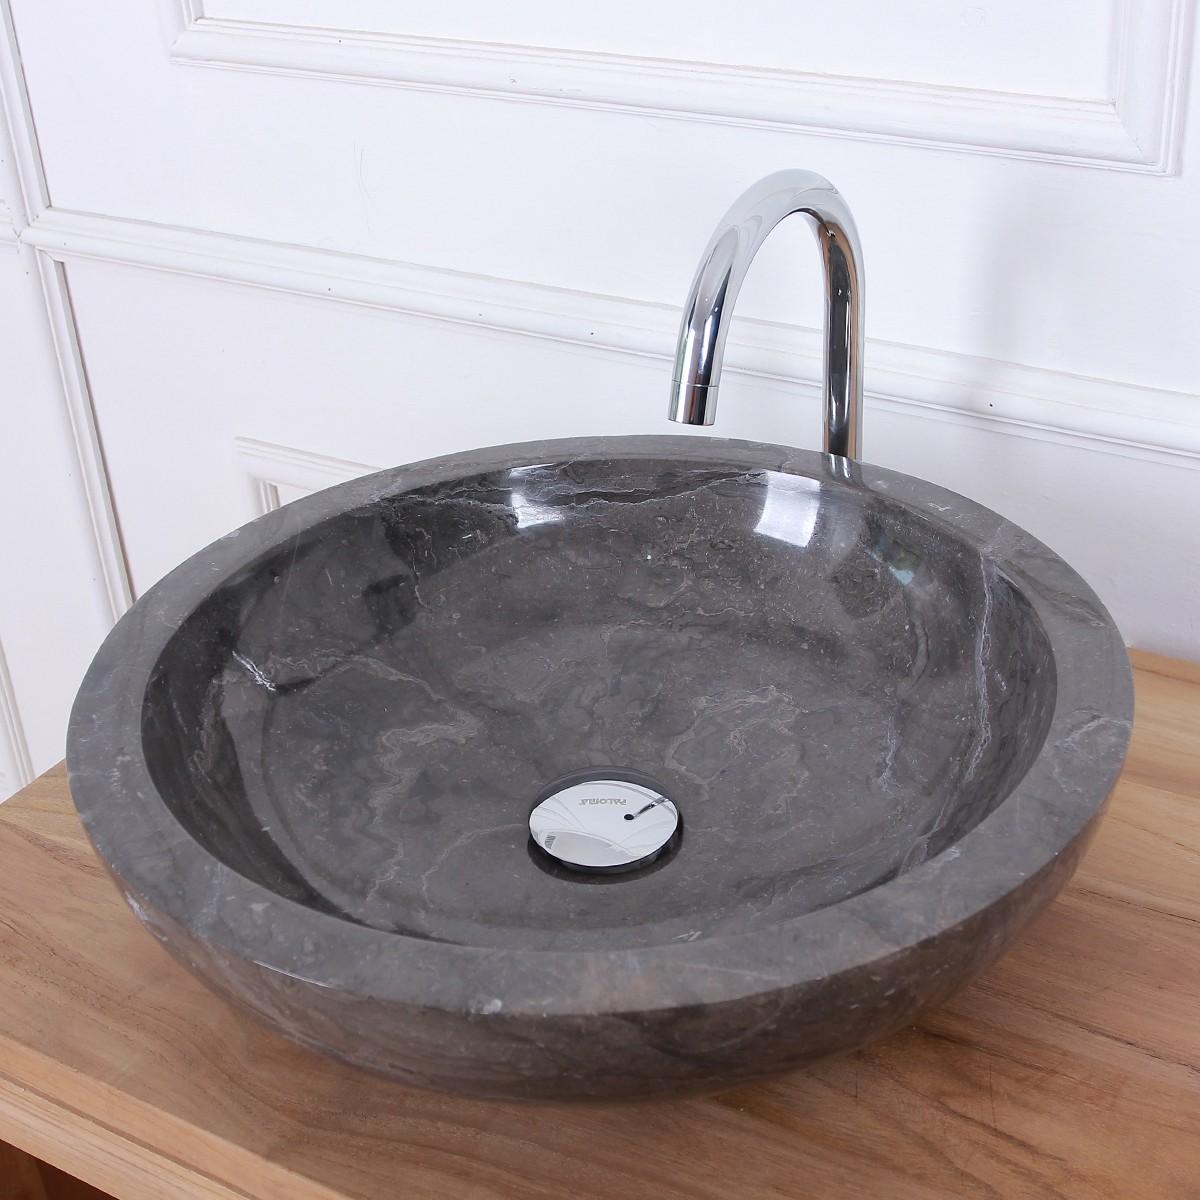 Ensemble salle de bain en bois de teck 160 vasques miroir bois dessus bois dessous - Miroir salle de bain bois ...